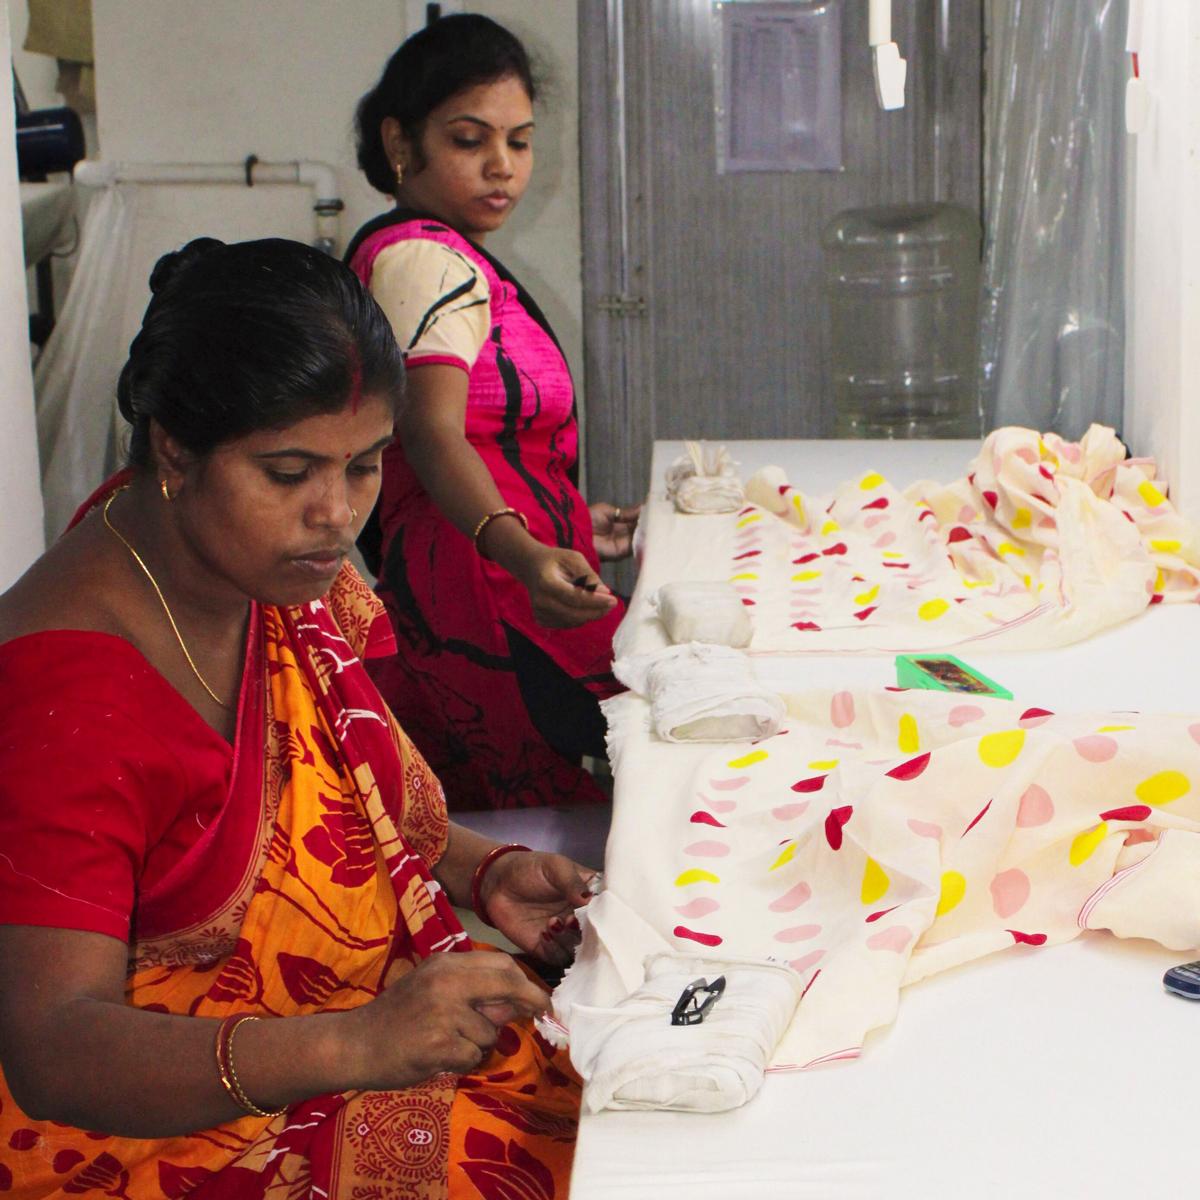 インドの民族衣装のサリーにインスピレーションを受けた。彩り豊かな糸の染めや、柔らかな織りは、インドの工房で。「ストール・マフラー」|MOISMONT(モワモン)